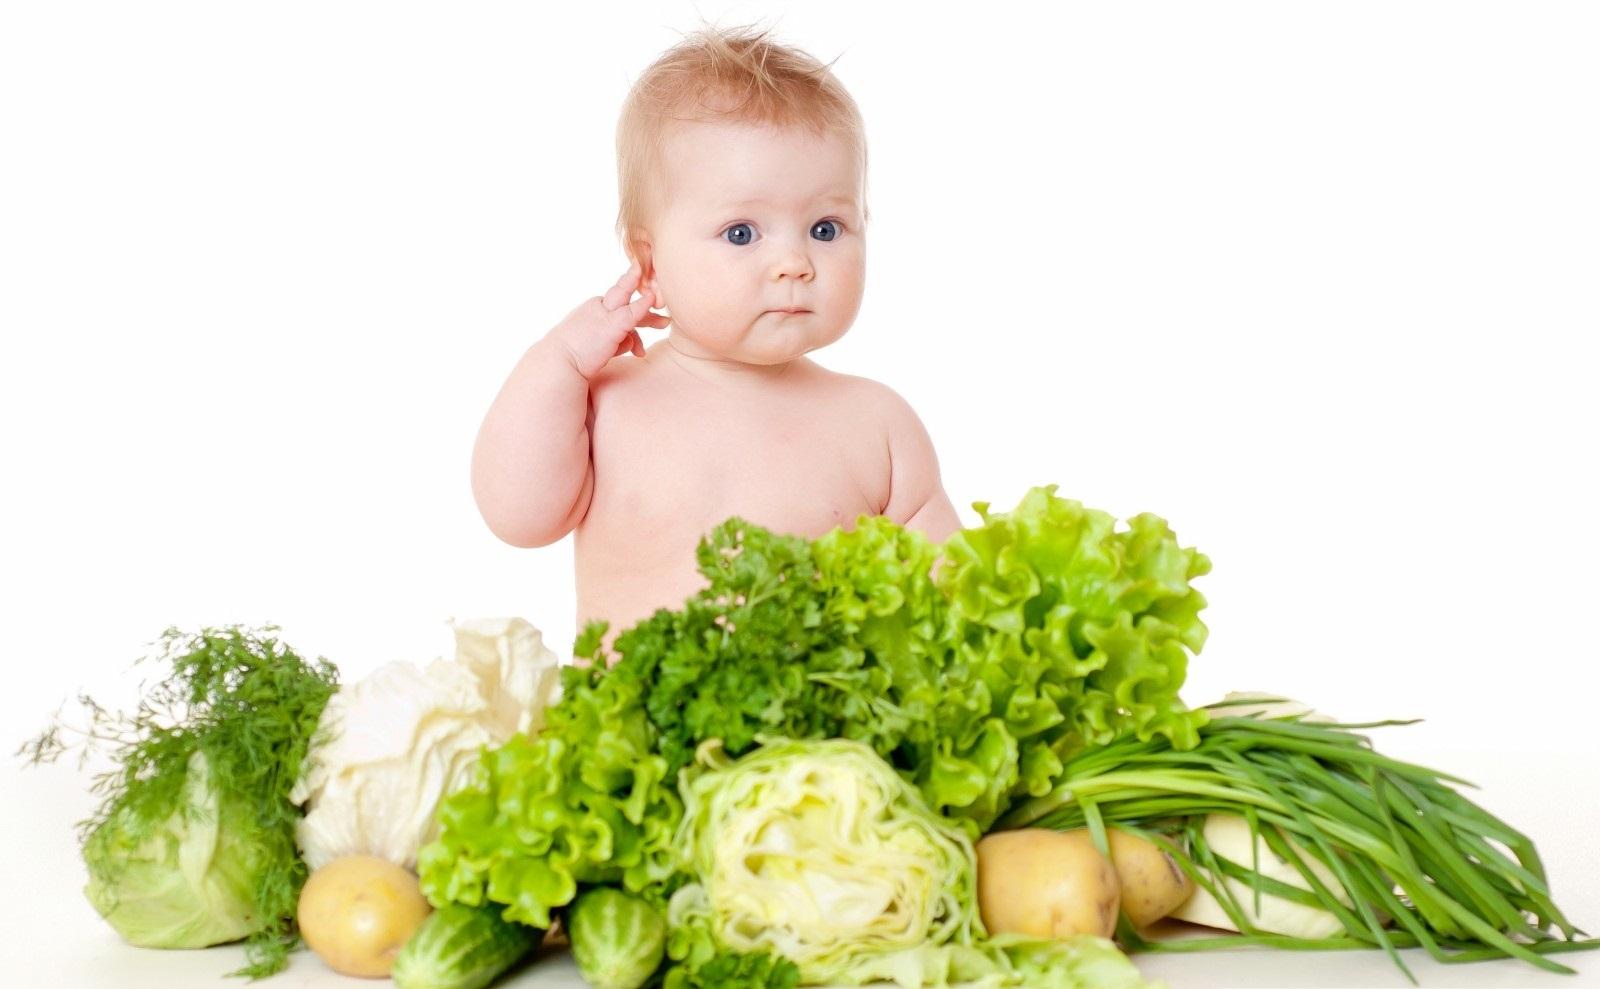 Kết quả hình ảnh cho bé ăn rau xanh